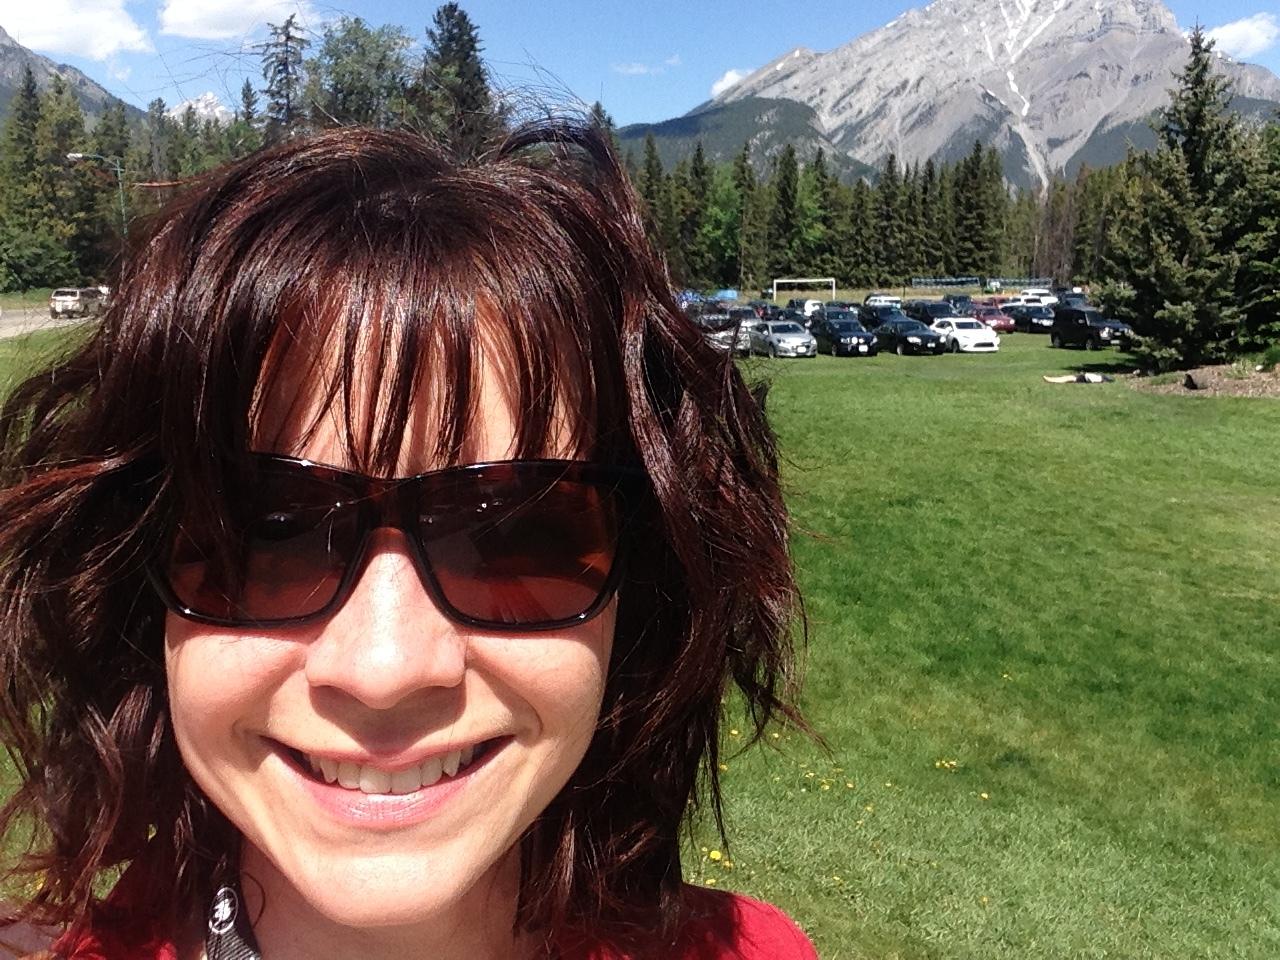 Rachel Berdan standing in front of Rocky Mountains in Banff, Alberta